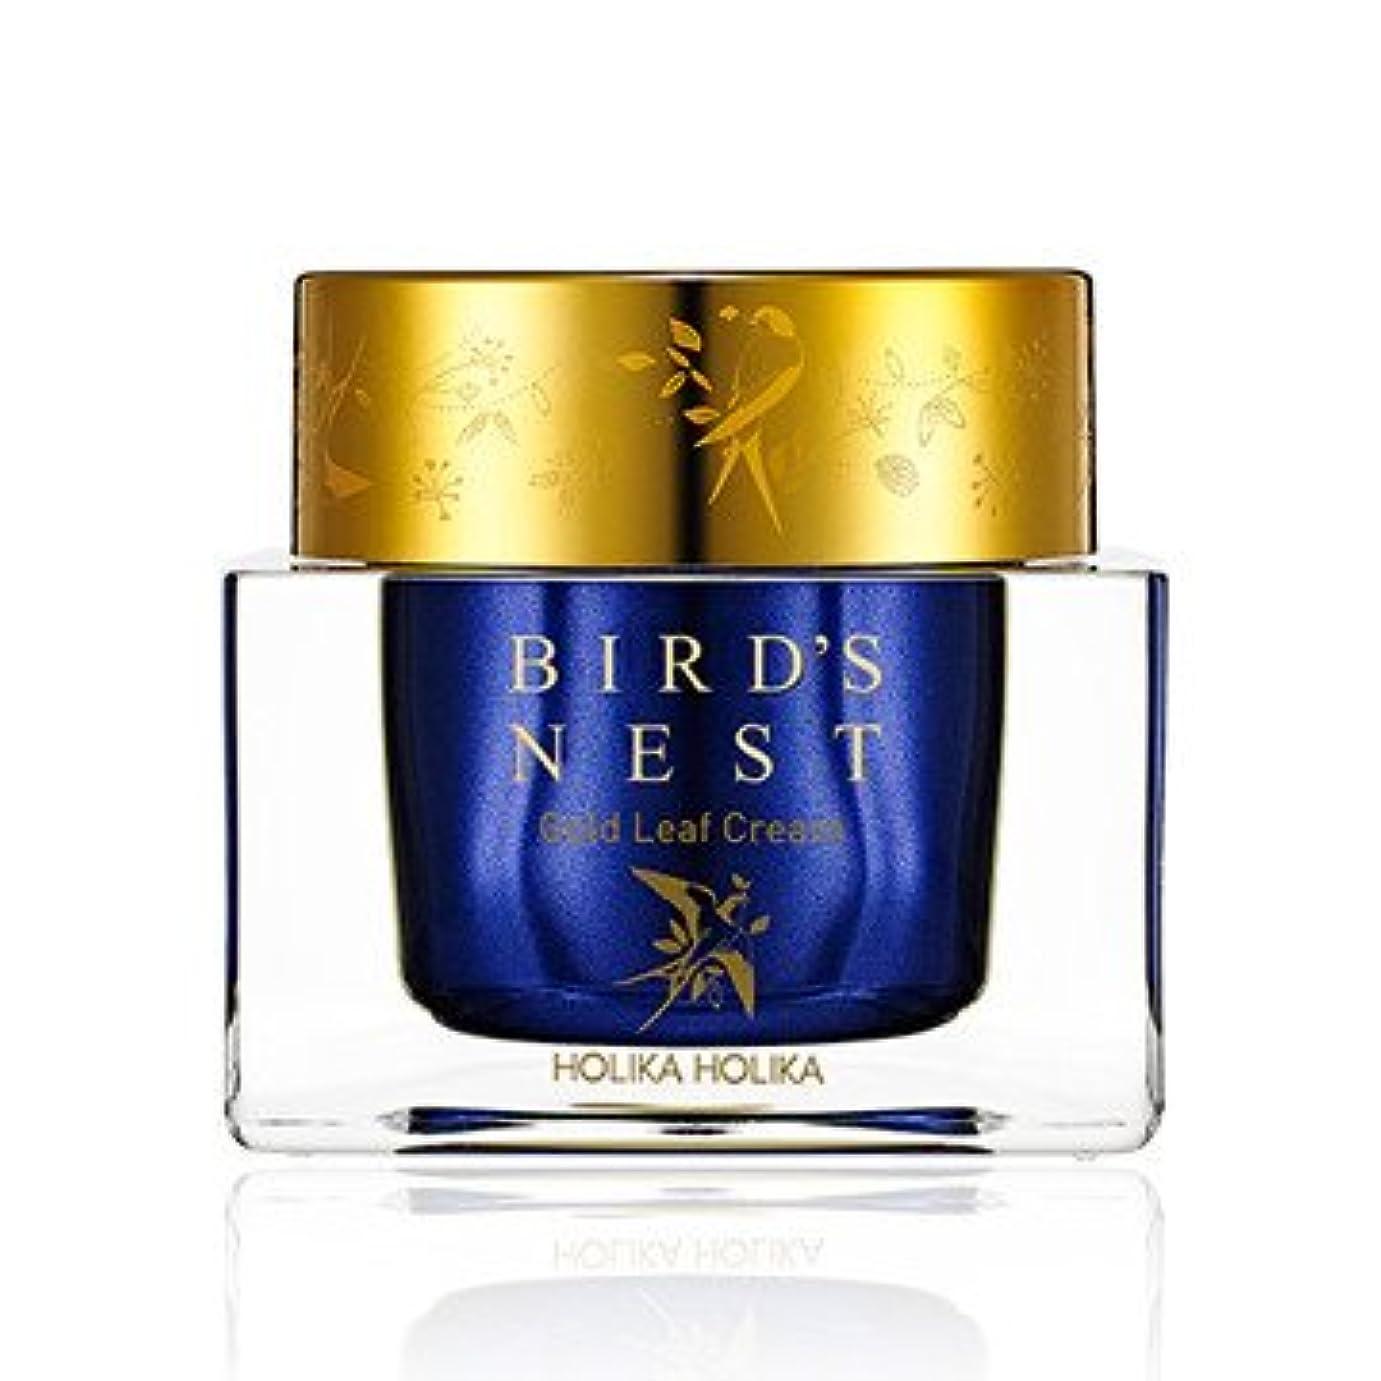 オペレーター高音時間とともに[2018 NEW] ホリカホリカ プライムユース バーズネスト ゴールドリーフ クリーム/Holika Holika Prime Youth Birds Nest Gold Leaf Cream 55ml [並行輸入品]